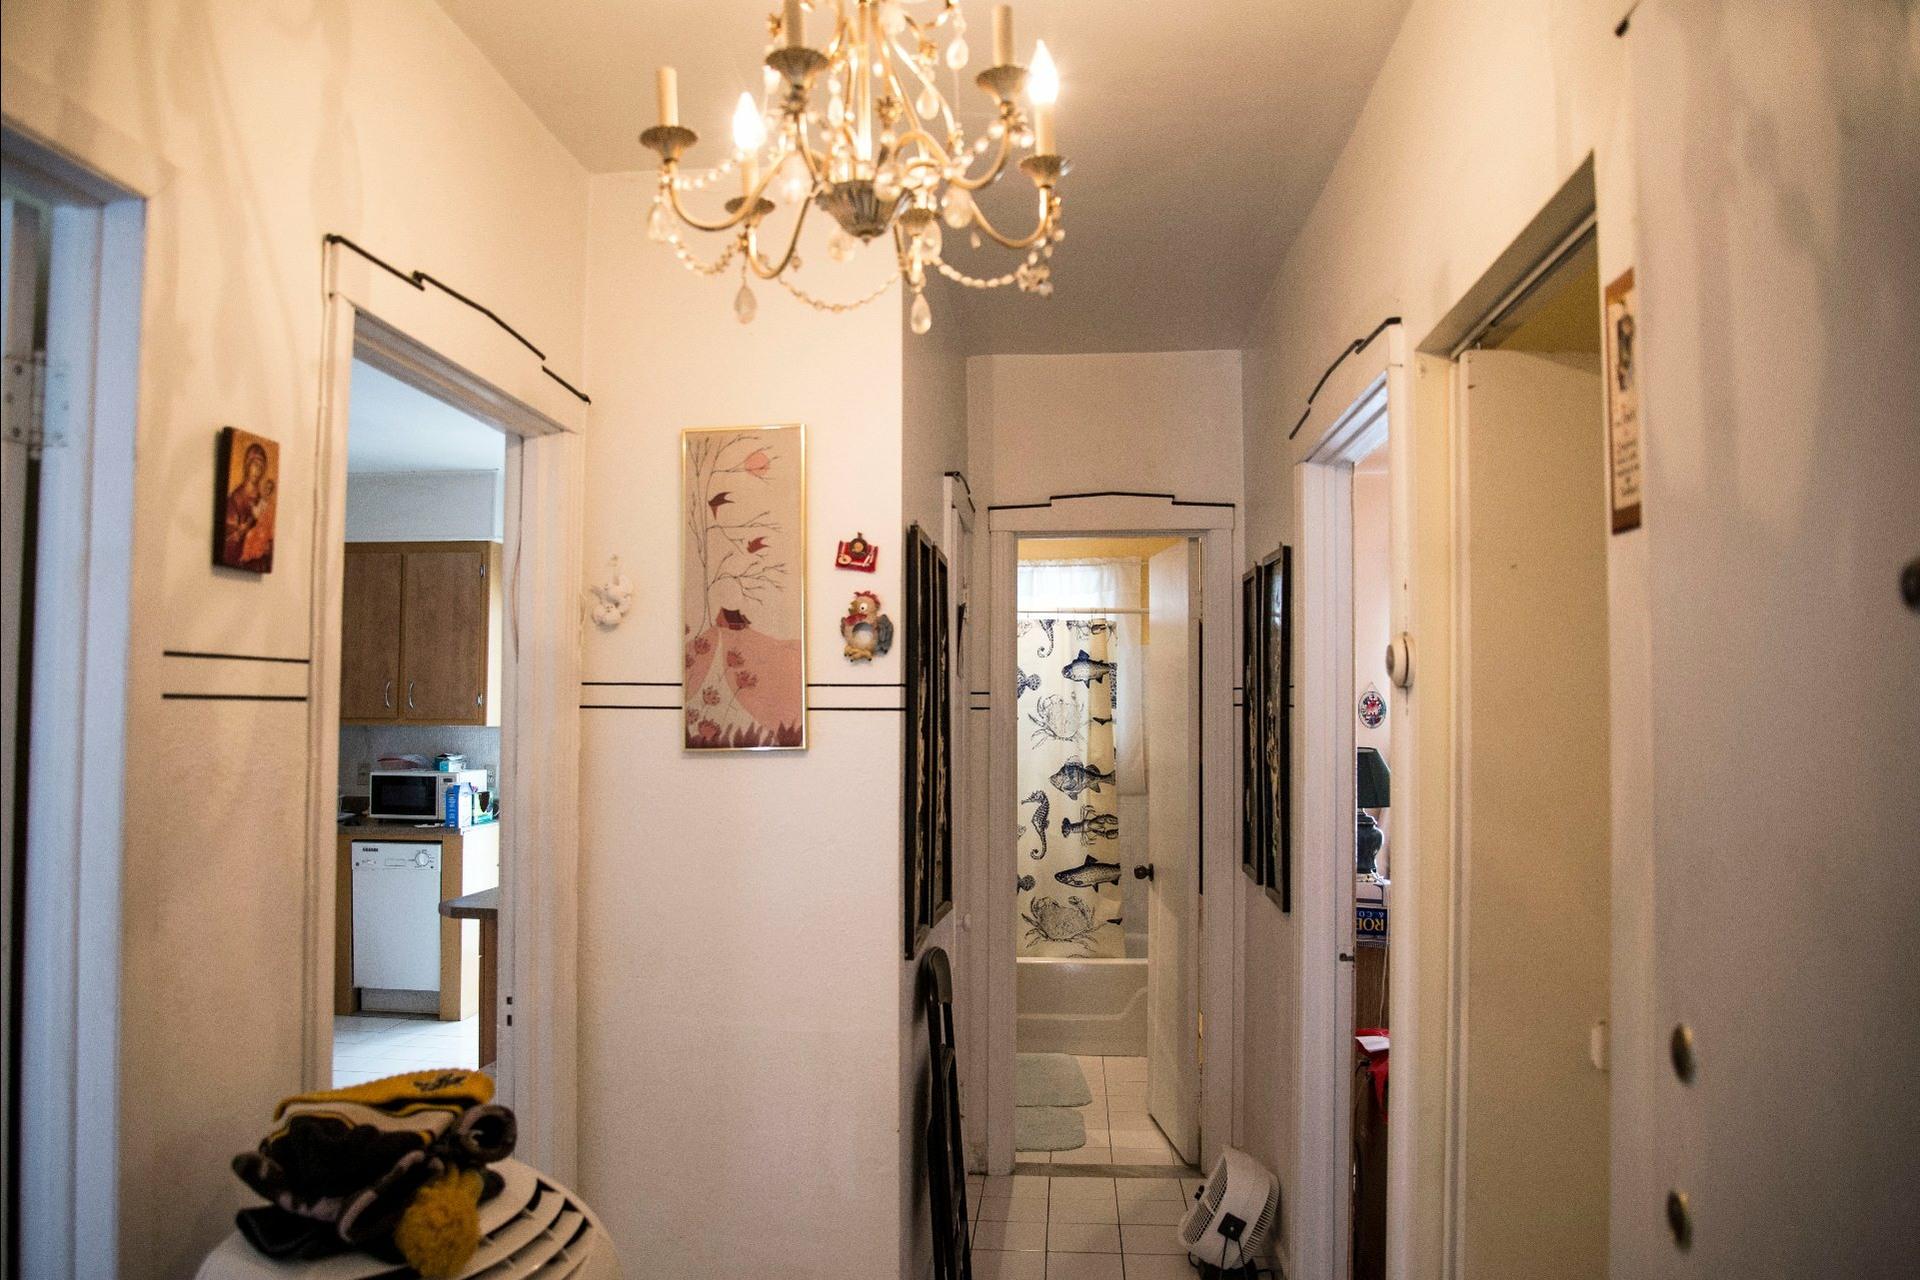 image 11 - Duplex À vendre Villeray/Saint-Michel/Parc-Extension Montréal  - 5 pièces